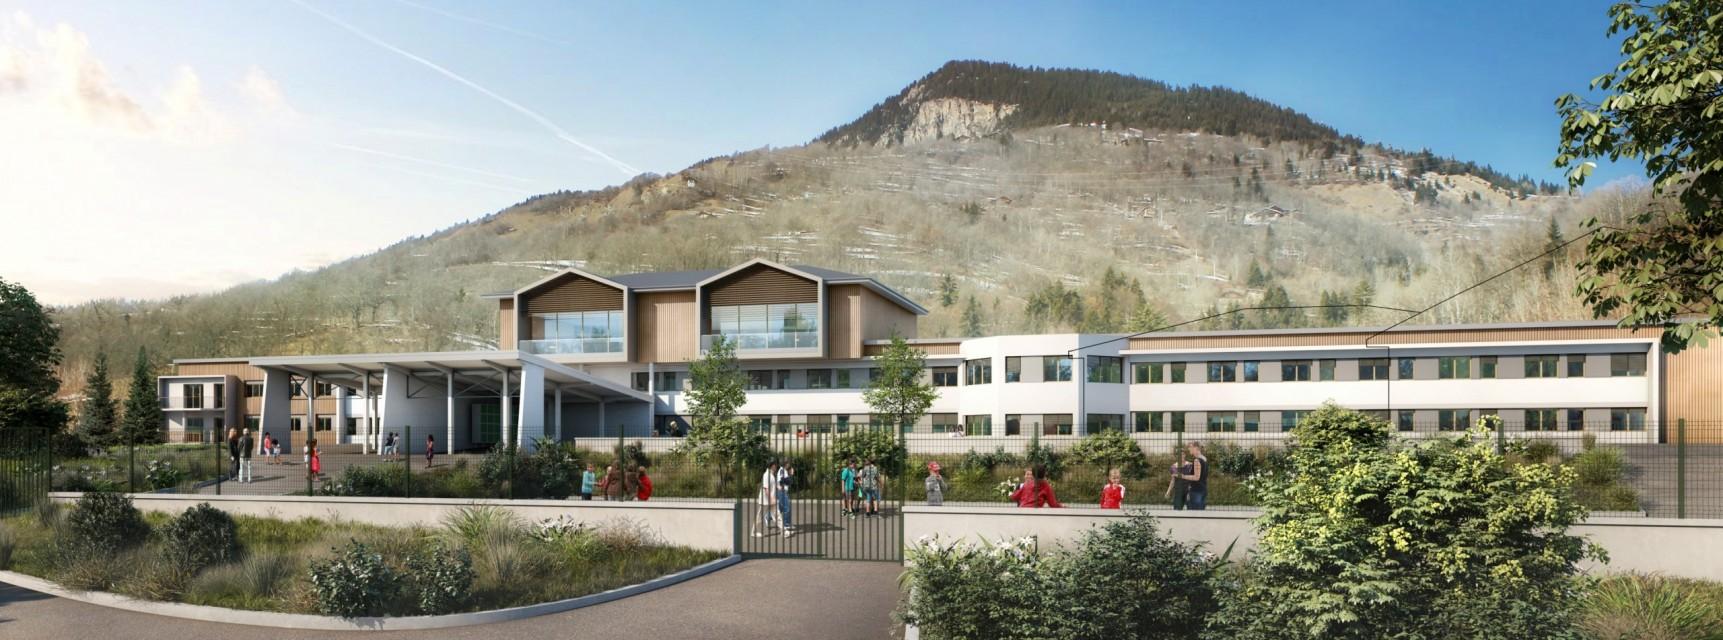 Collège le Bonrieu